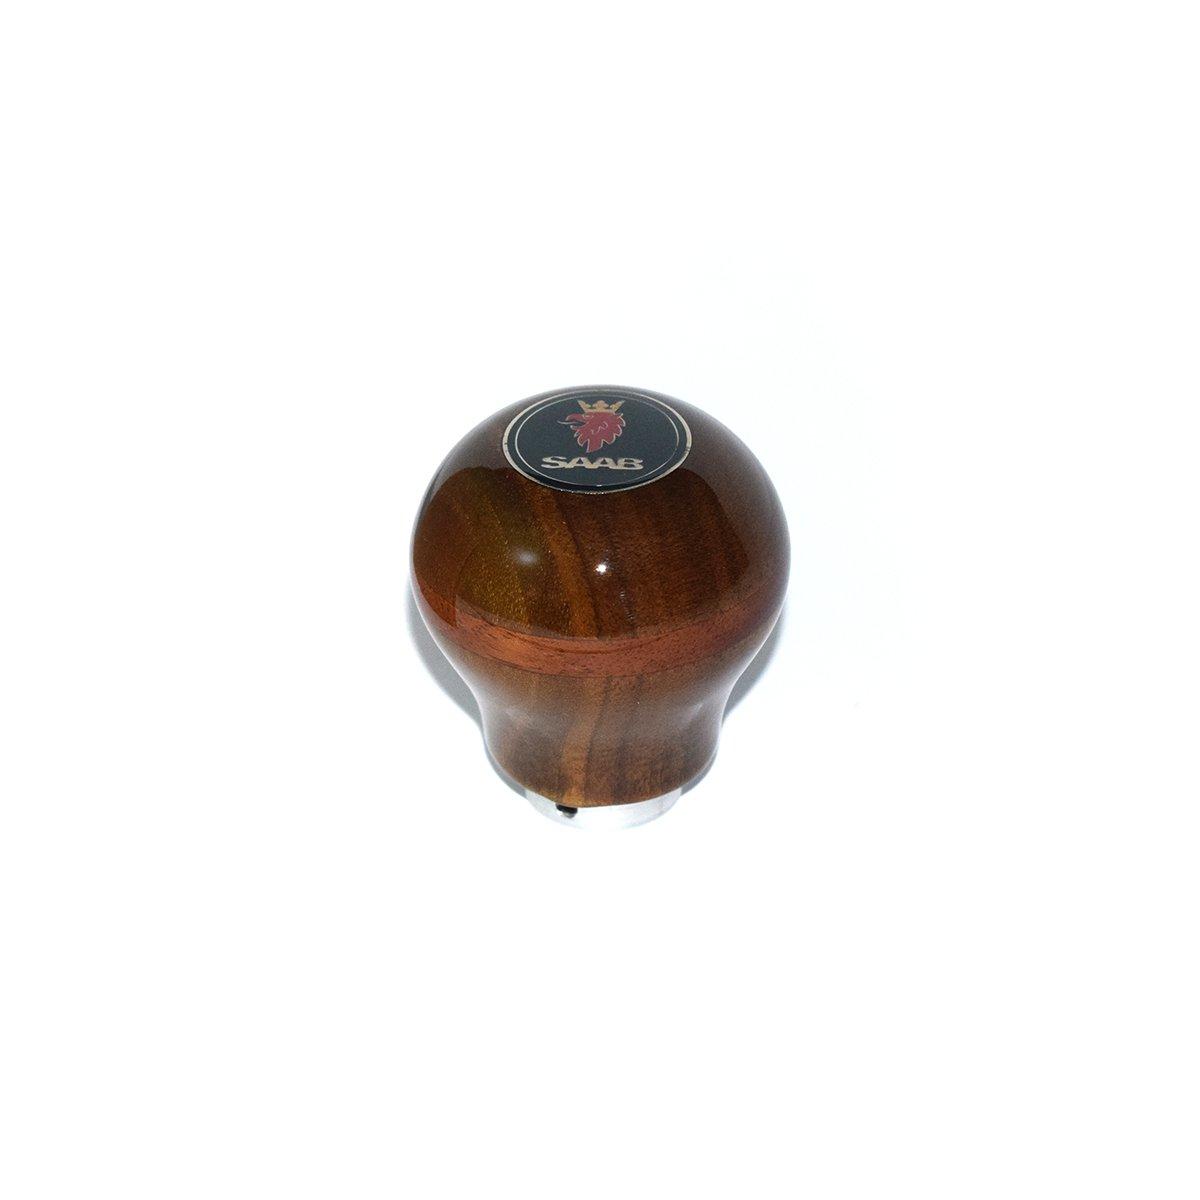 SAAB Shift Knob (Walnut Striped Burl) 12mm